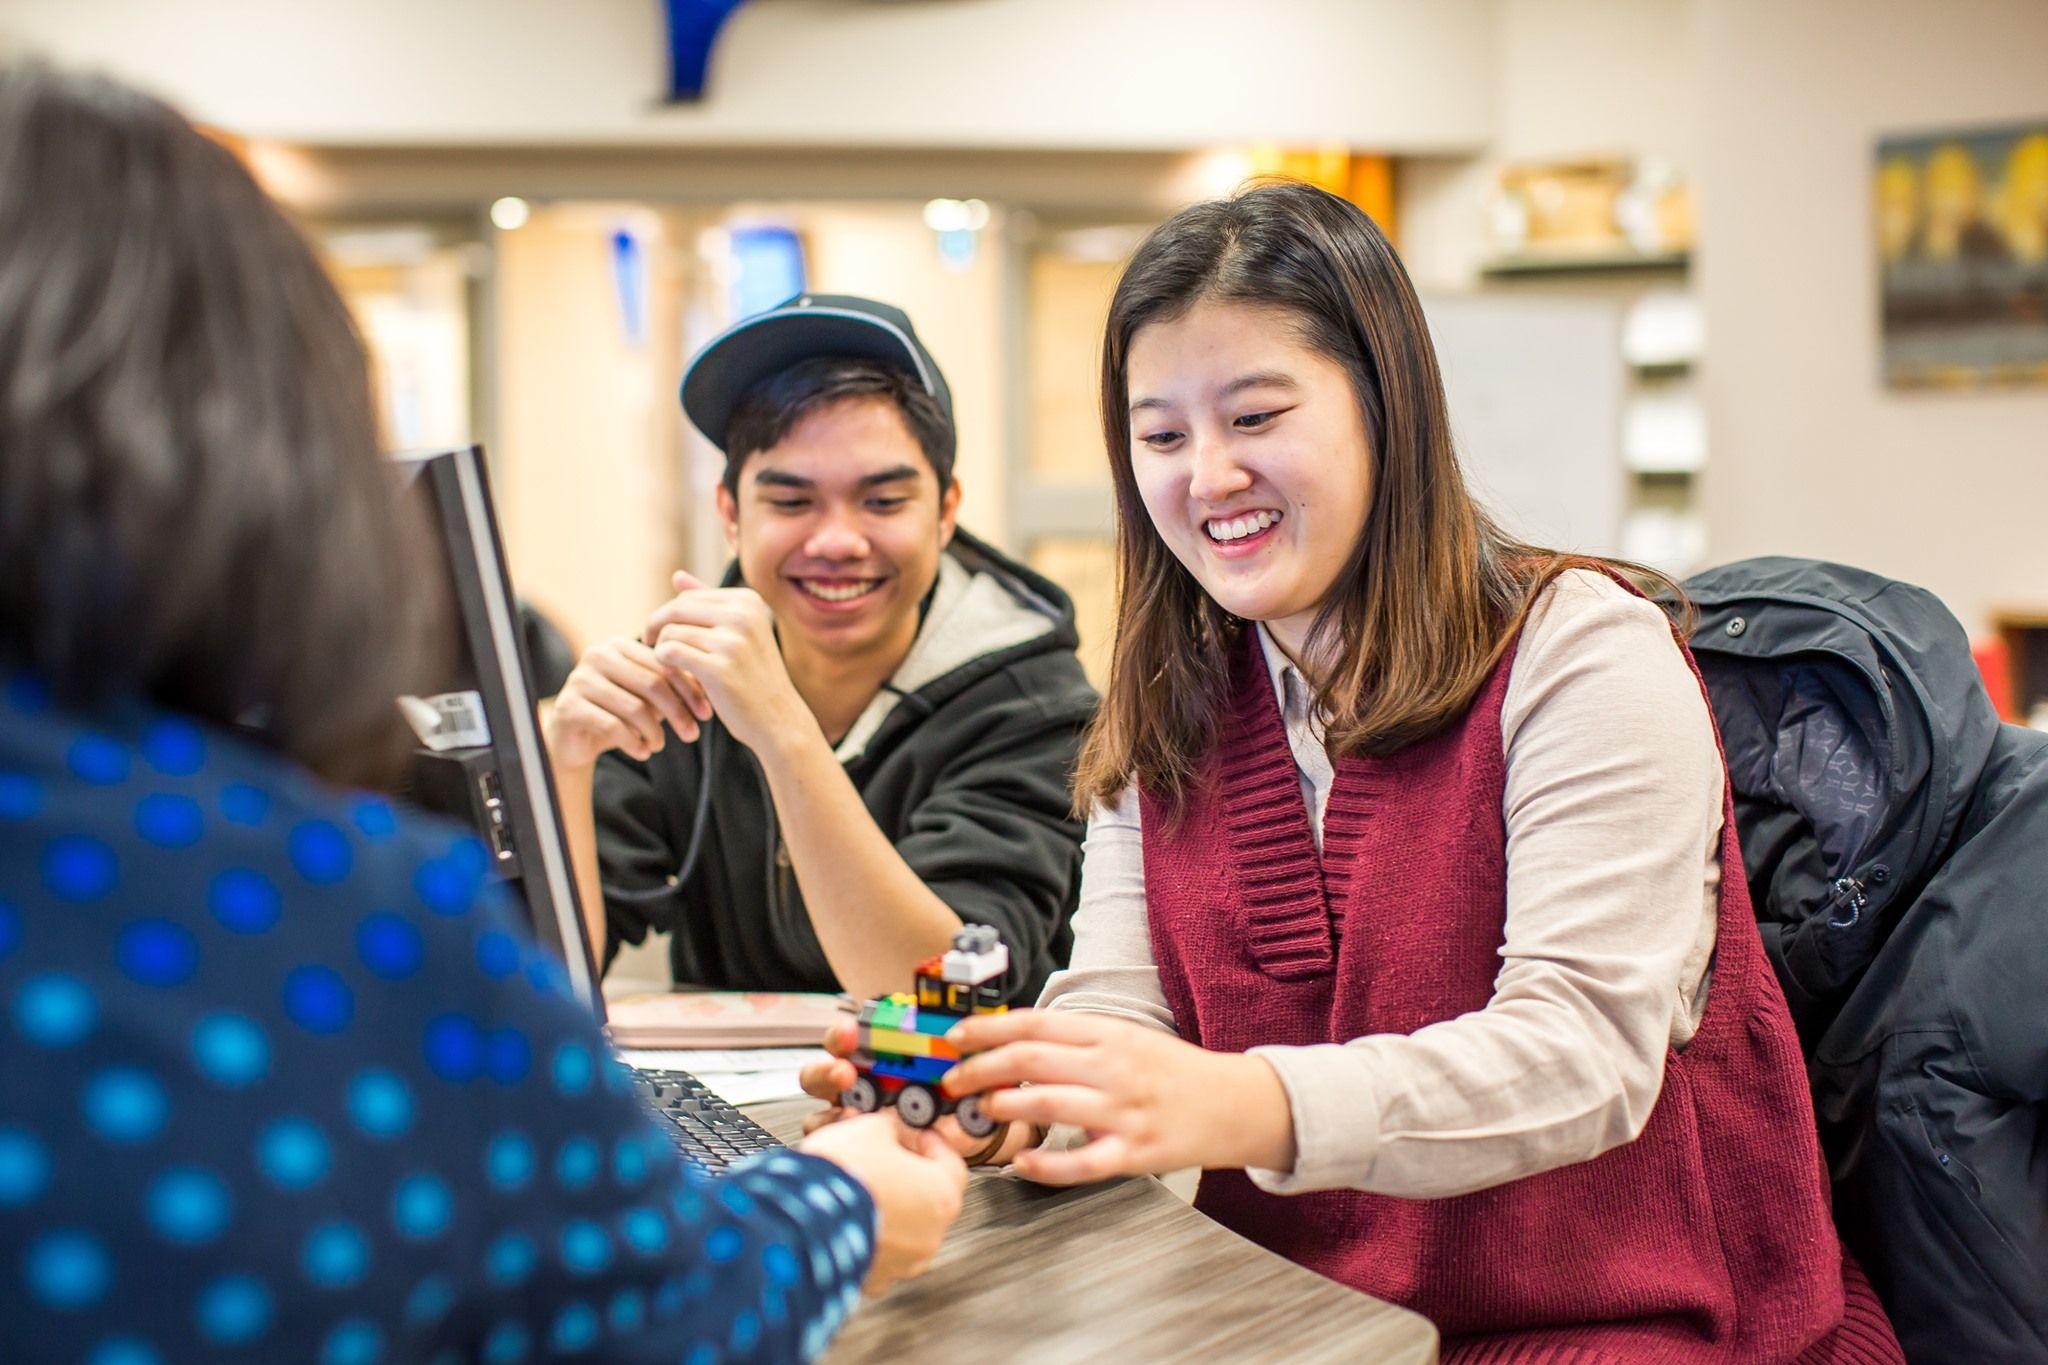 Học sinh nhận những hỗ trợ hữu ích trong suốt thời gian học tập để phát triển học vấn và kỹ năng xã hội